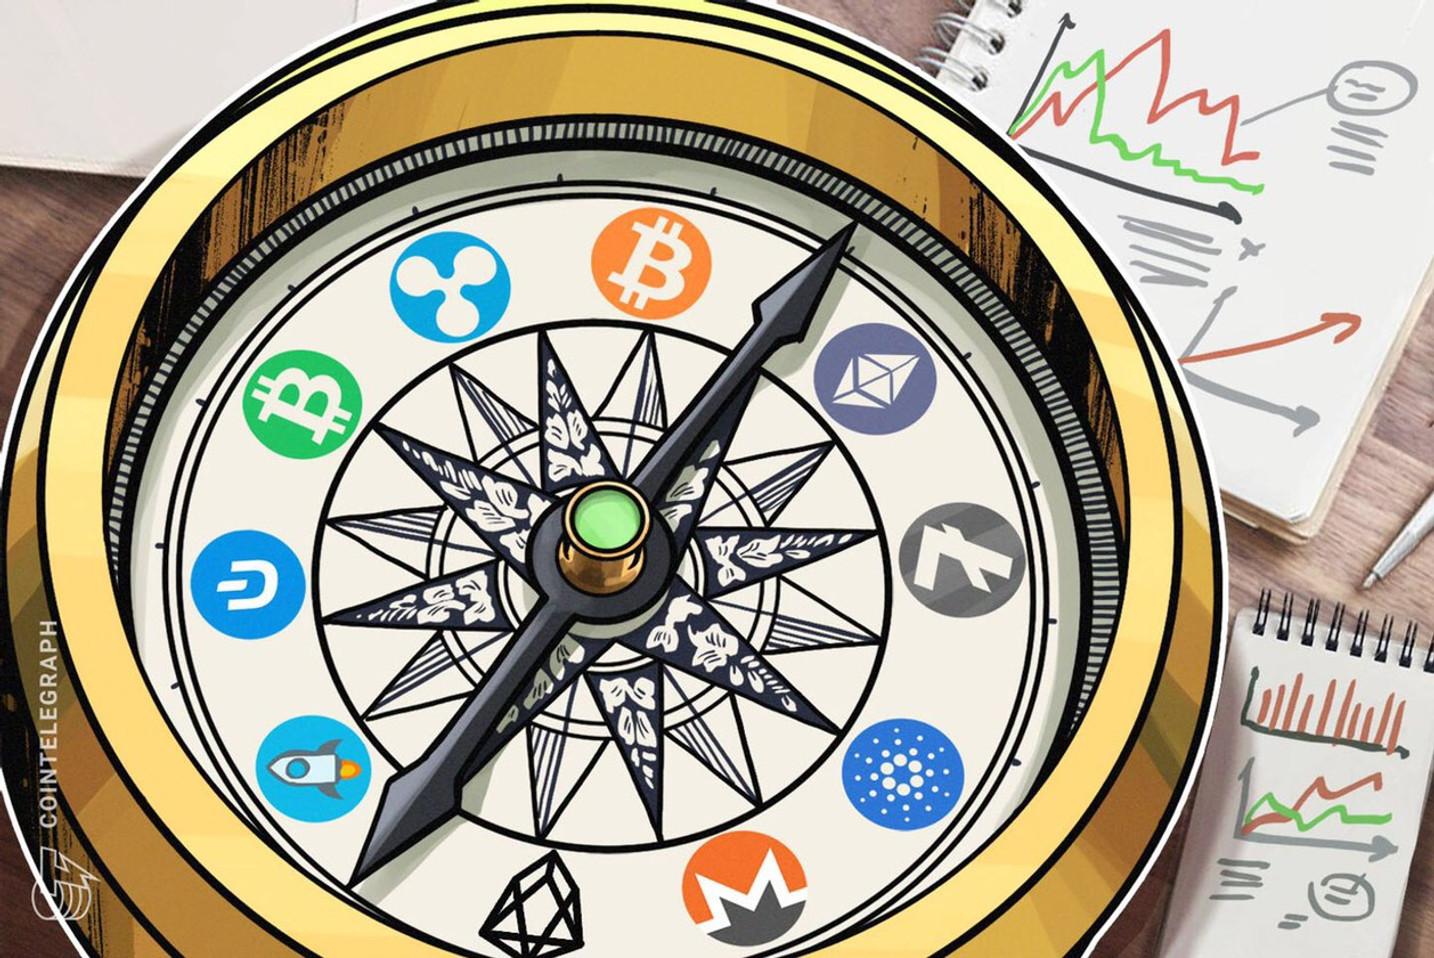 BCH分裂騒動で上値が重い展開 仮想通貨ビットコイン相場市況(11月13日)